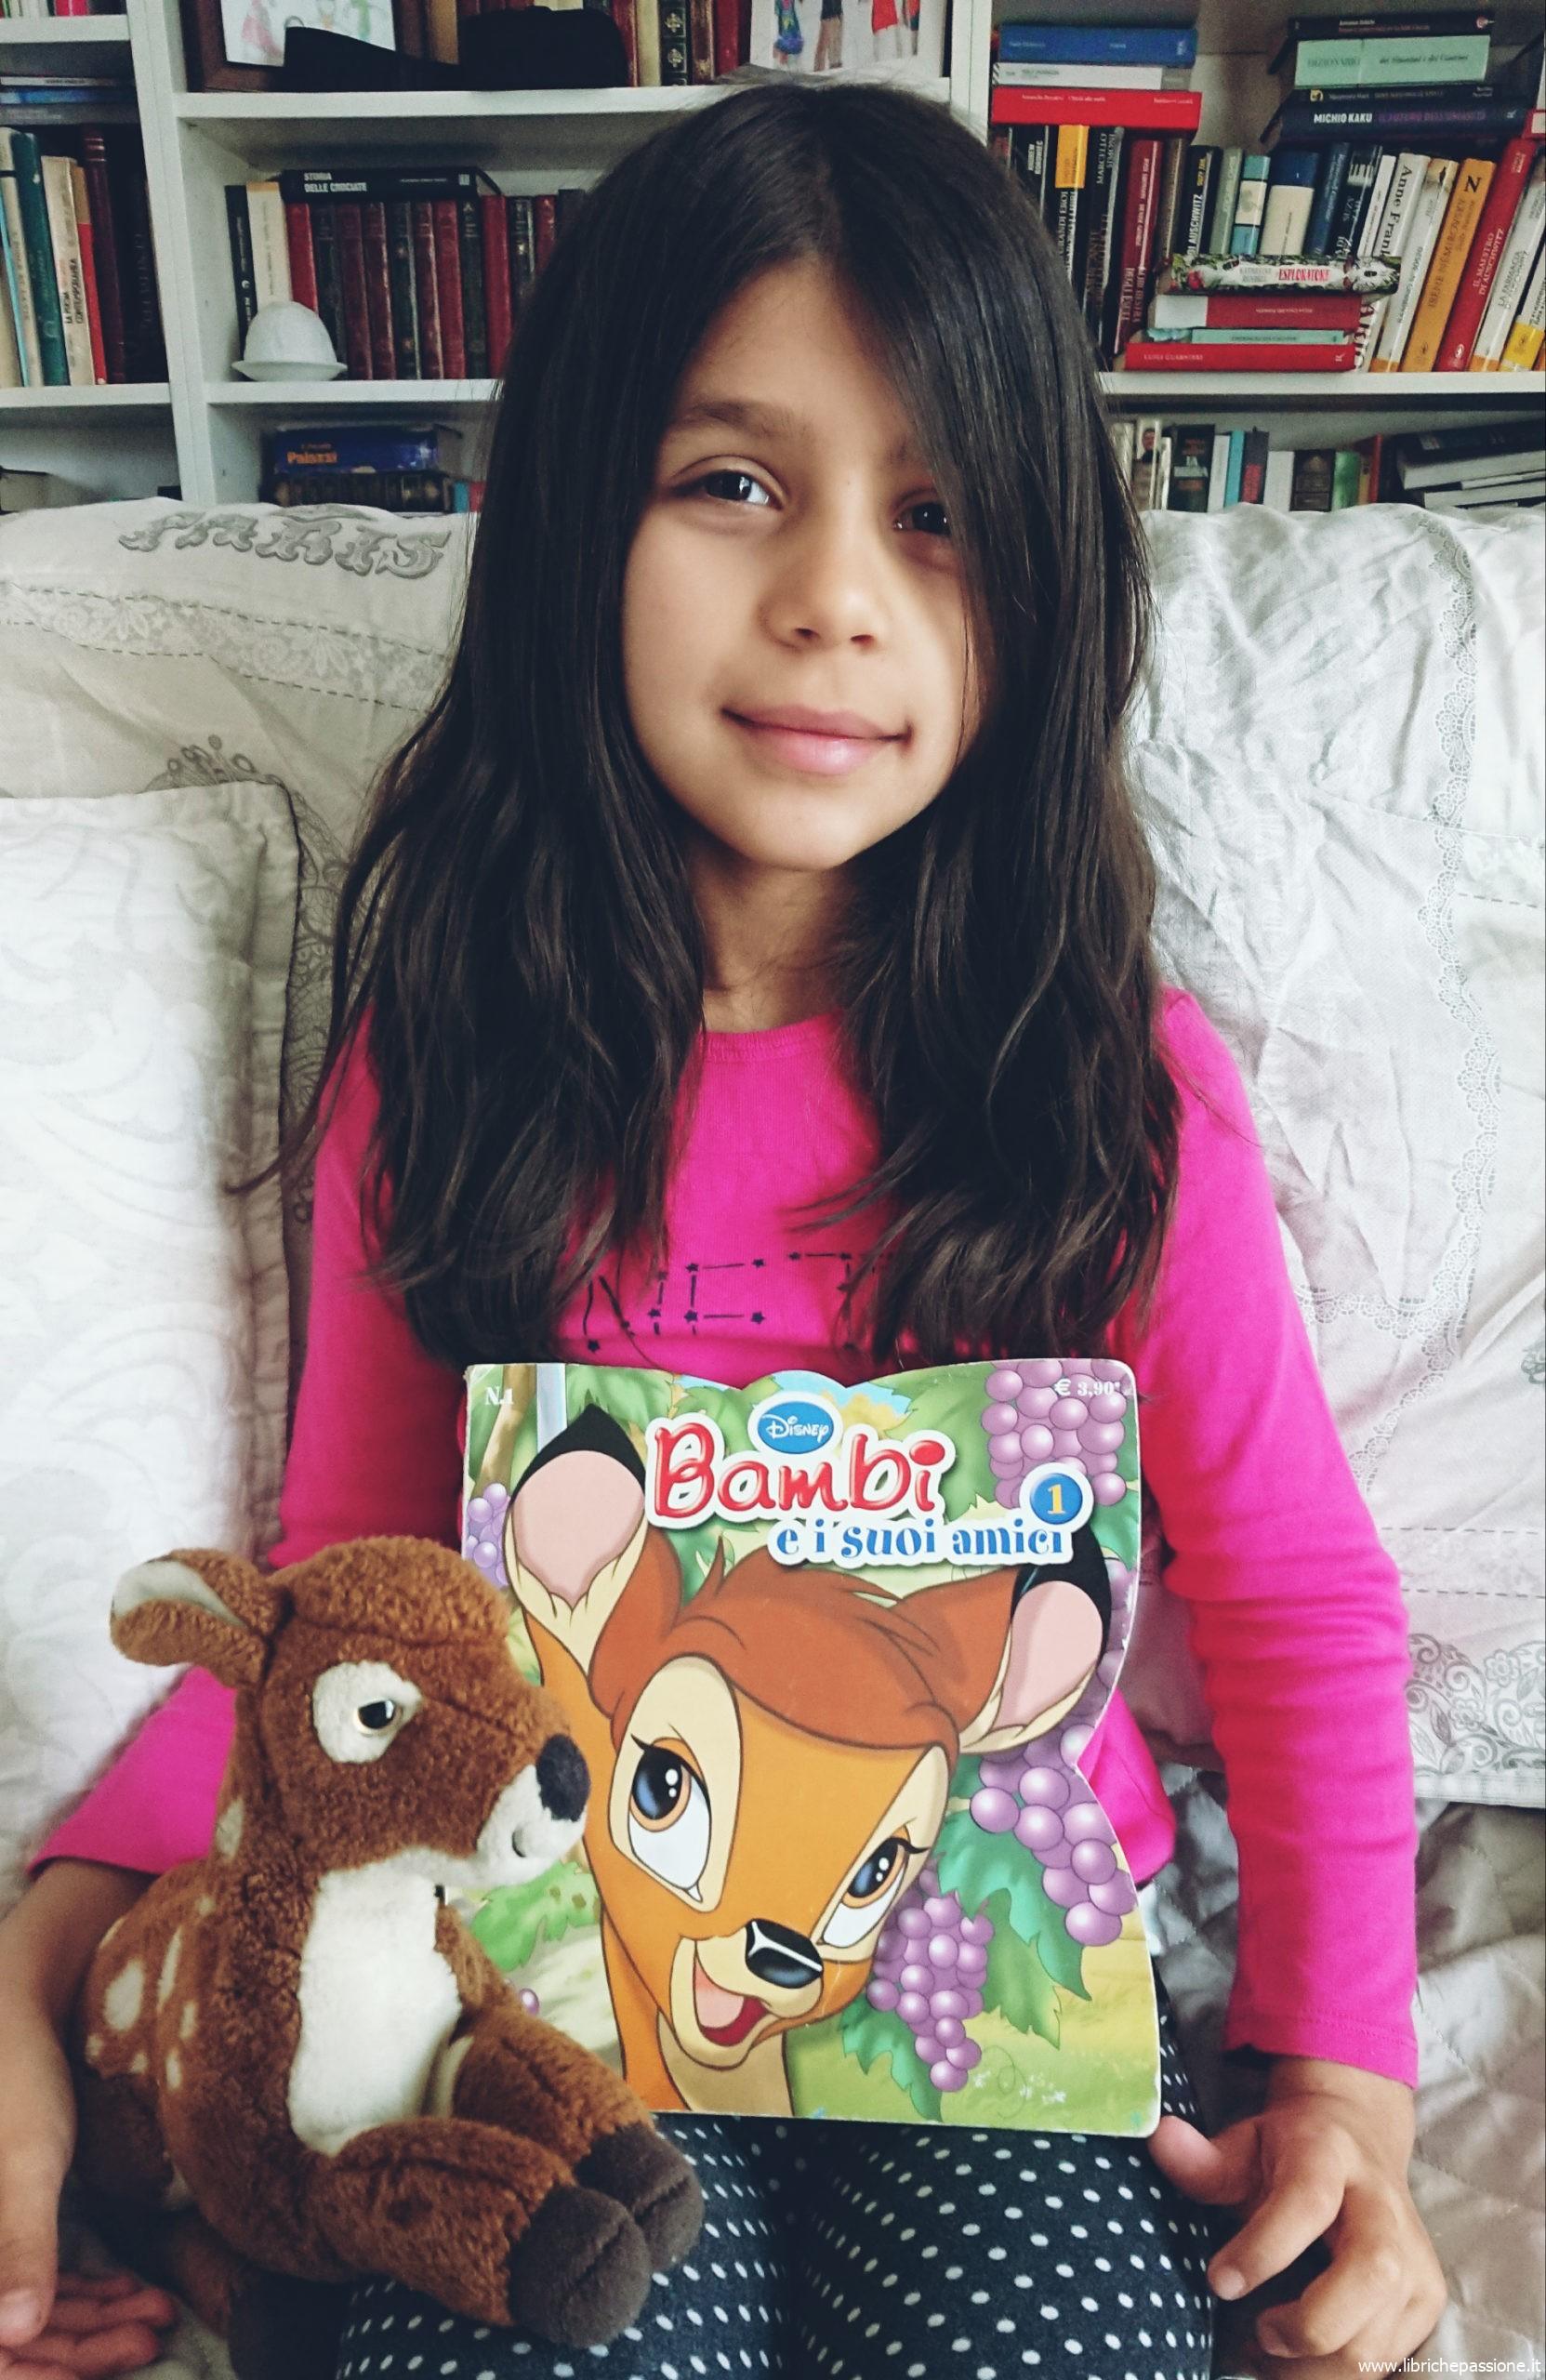 """""""Vi racconto una storia"""" Oggi a raccontarvi una storia sarà la piccola Ester. """"Bambi e le lucciole"""""""